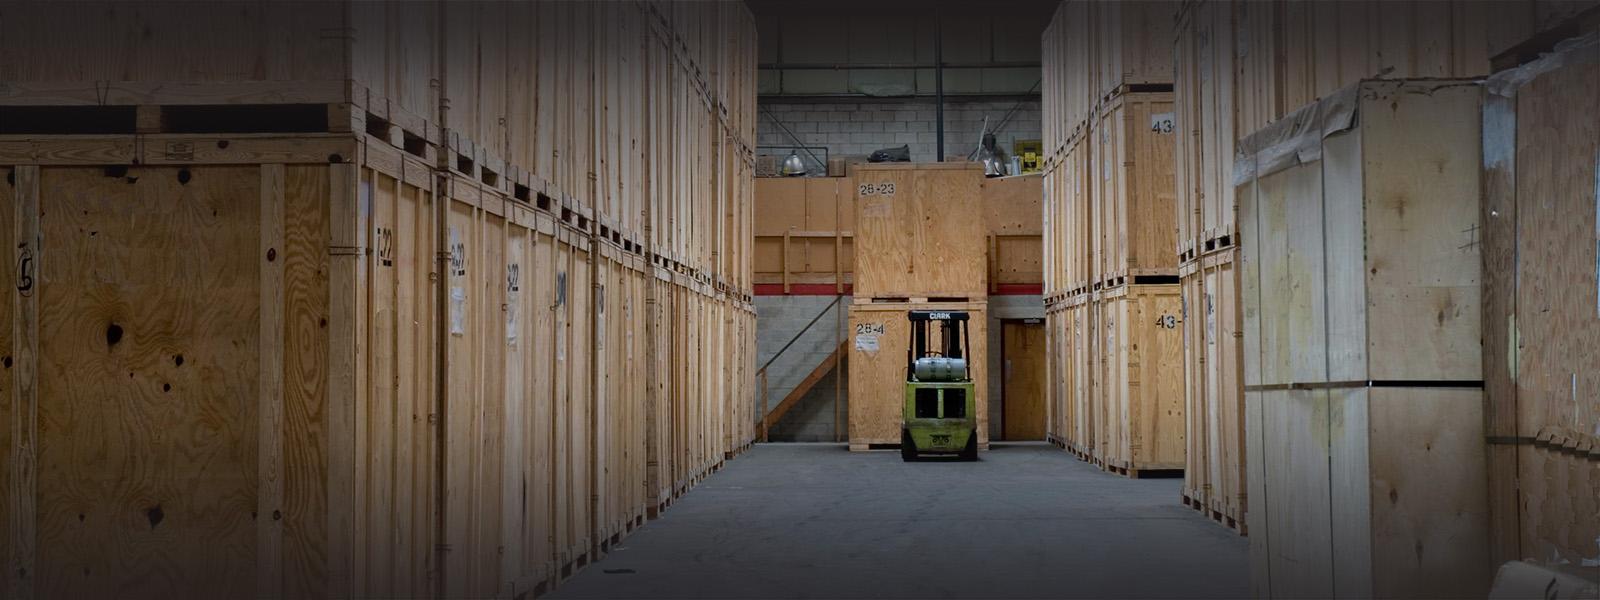 crating-warehousing-mme-warehouse-storage-Machine-Moving-Engineering-experts-machinery-equipment-Gauteng-kzn